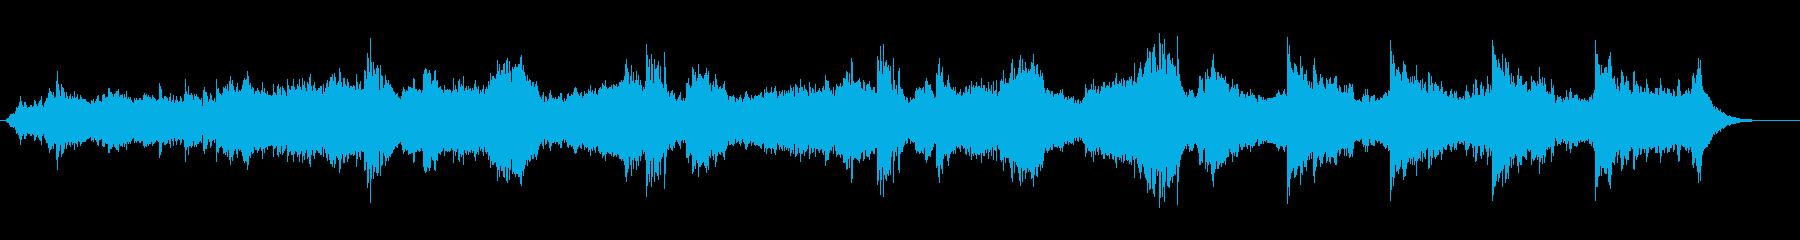 【サスペンス】不穏_不気味_ホラーの再生済みの波形